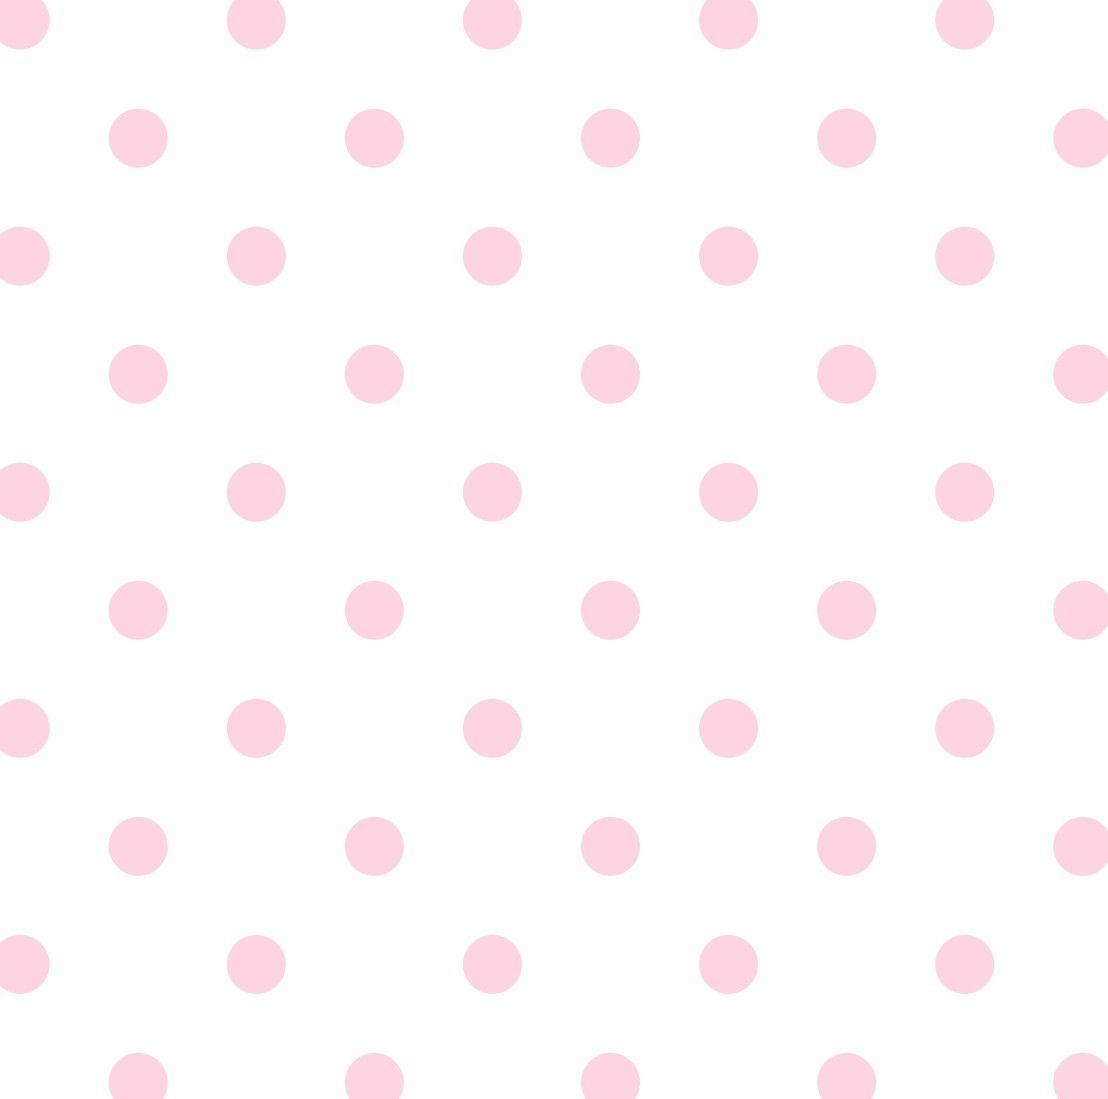 Papel de Parede Bolinhas Poás Rosa 59D518